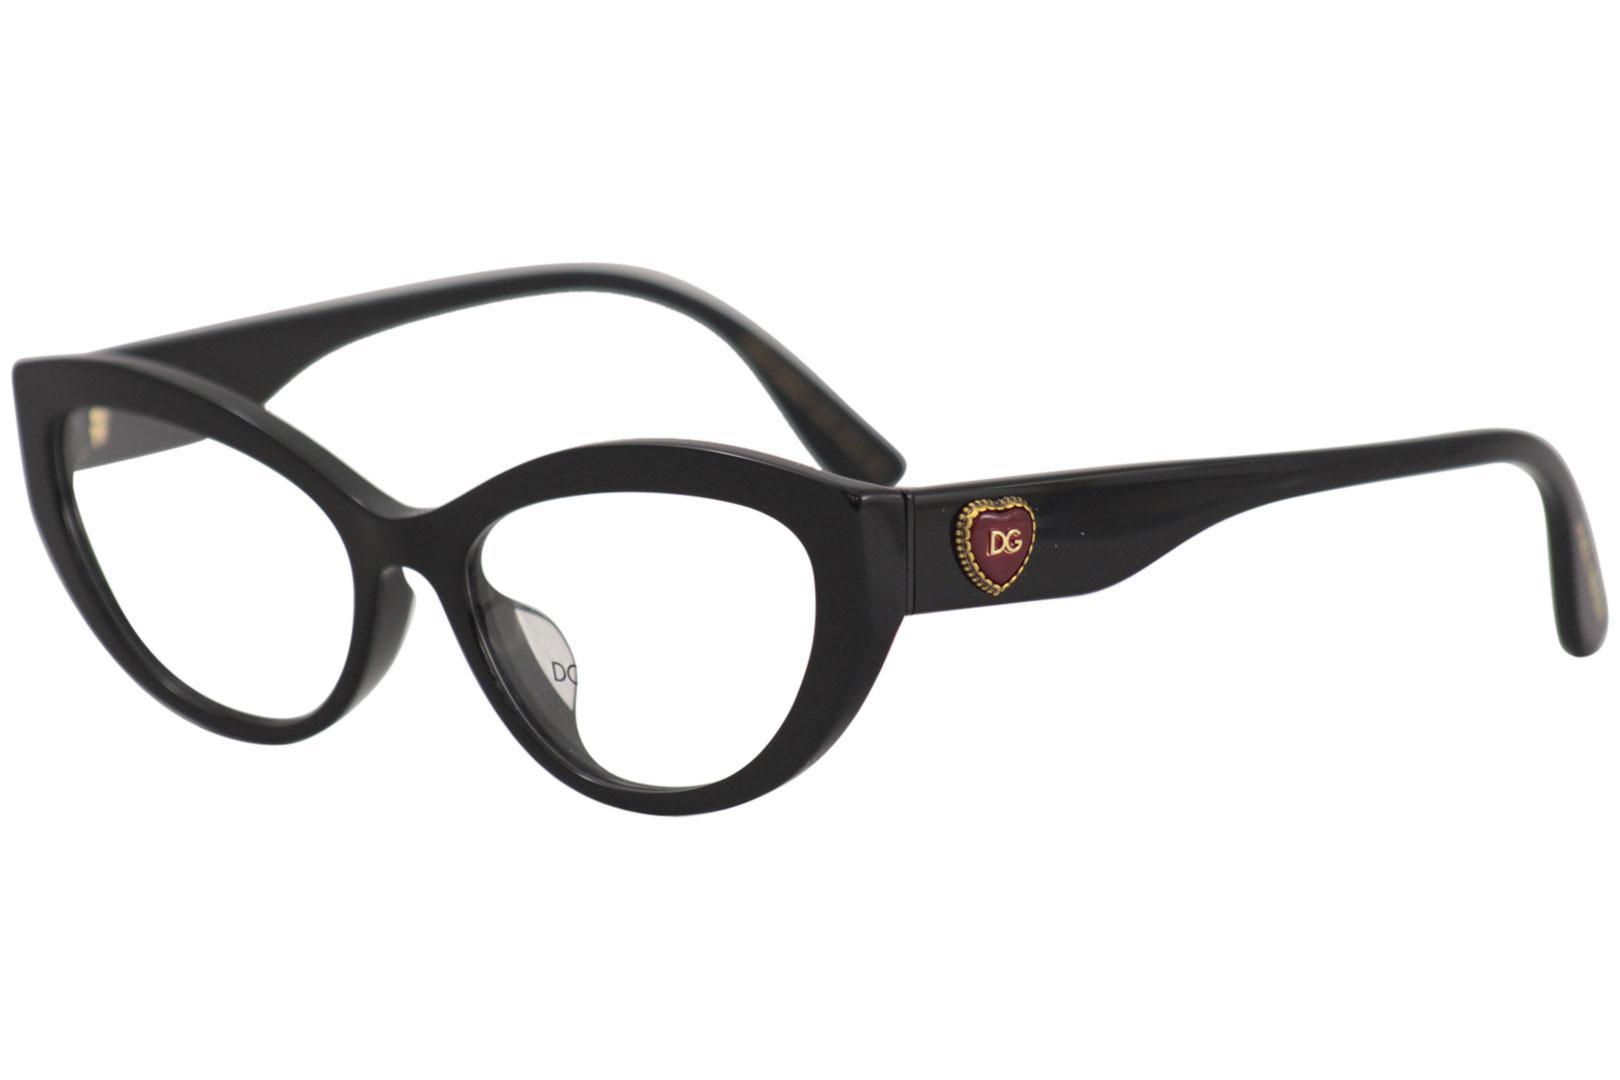 ea11e68edc Dolce   Gabbana Women s Eyeglasses D G DG3306F DG 3306 F Full Rim Optical  Frame by Dolce   Gabbana